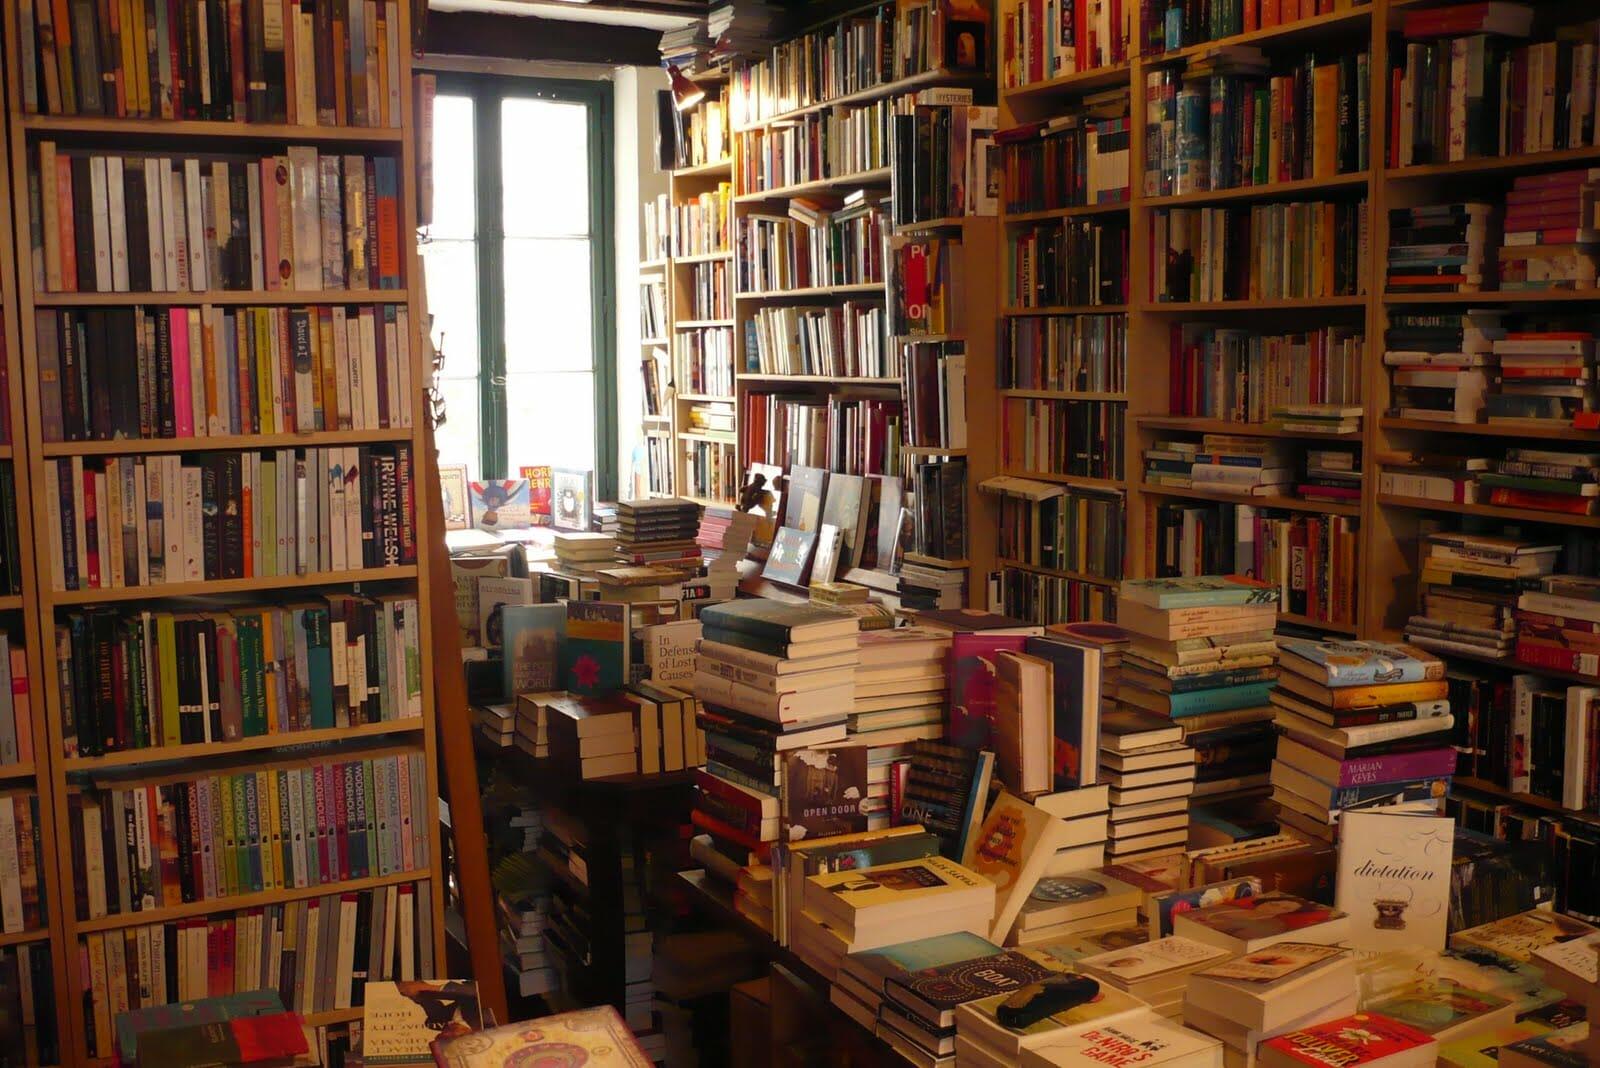 libri, libro, libreria, librerie, lettori, leggere, lettore